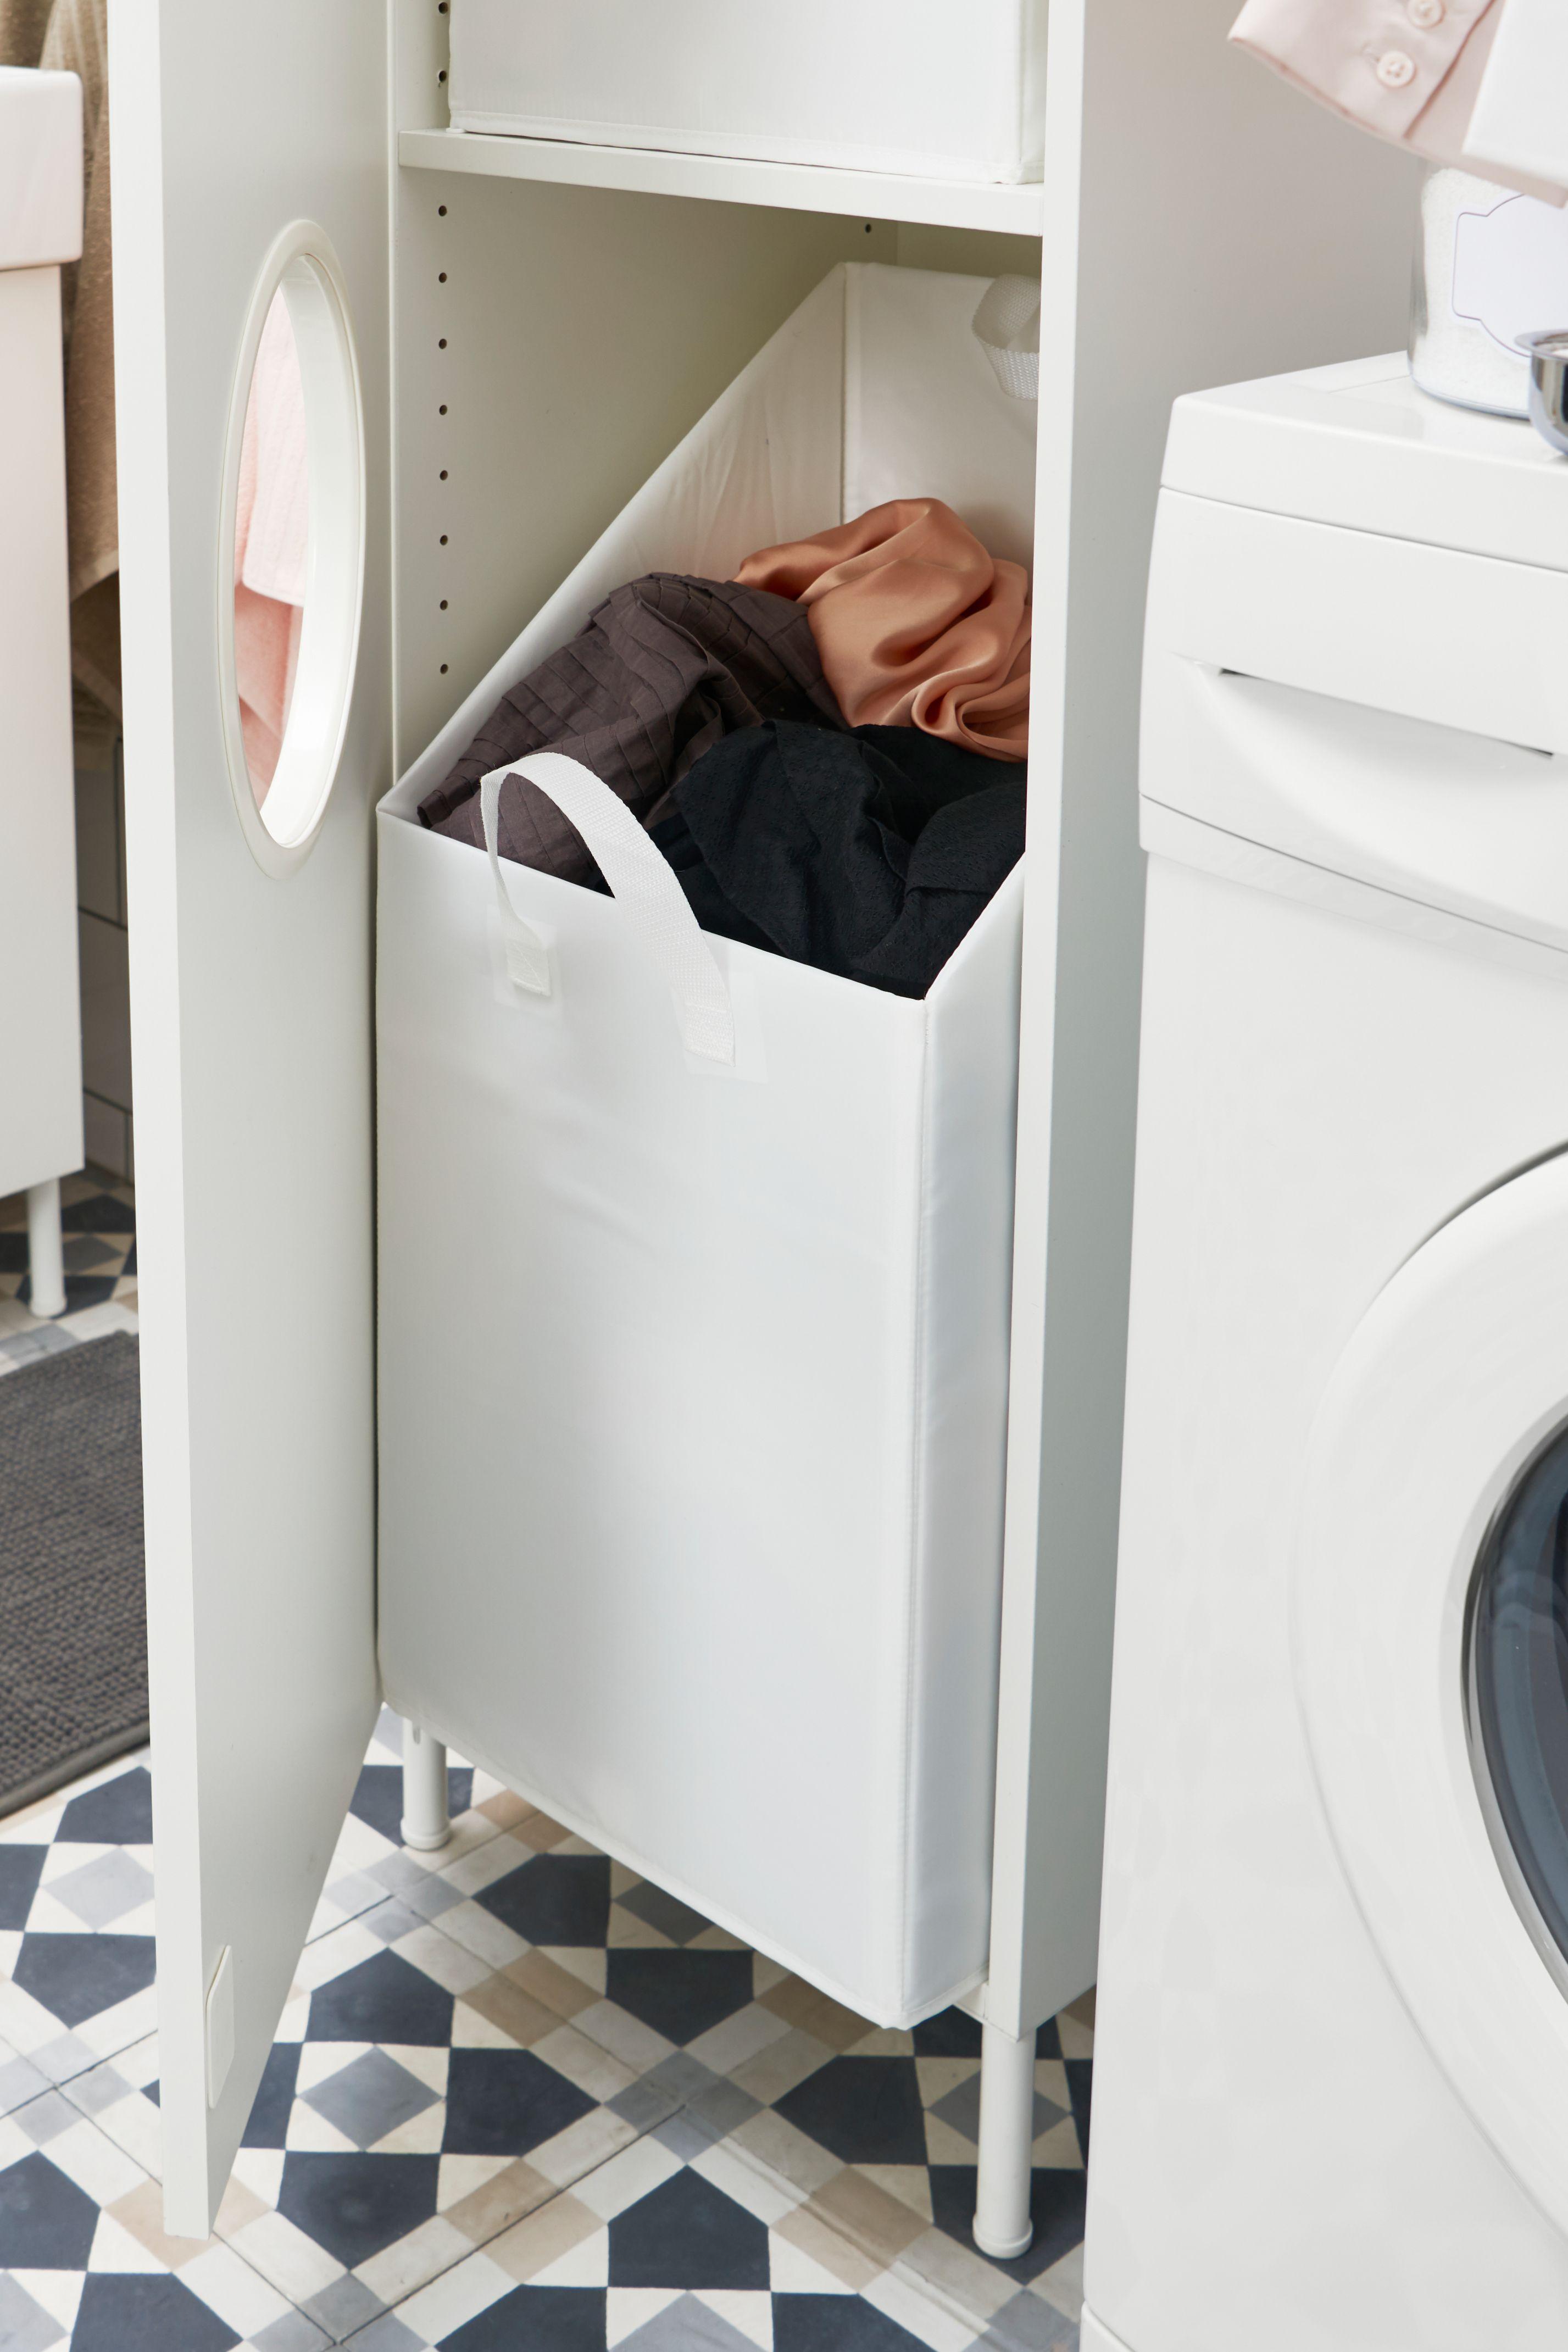 Ikea Deutschland Unsere Badezimmermobel Helfen Beim Organisieren Und Ordnunghalten Der Wascheschrank Wascheschrank Ikea Waschekorb Schrank Waschkuchendesign